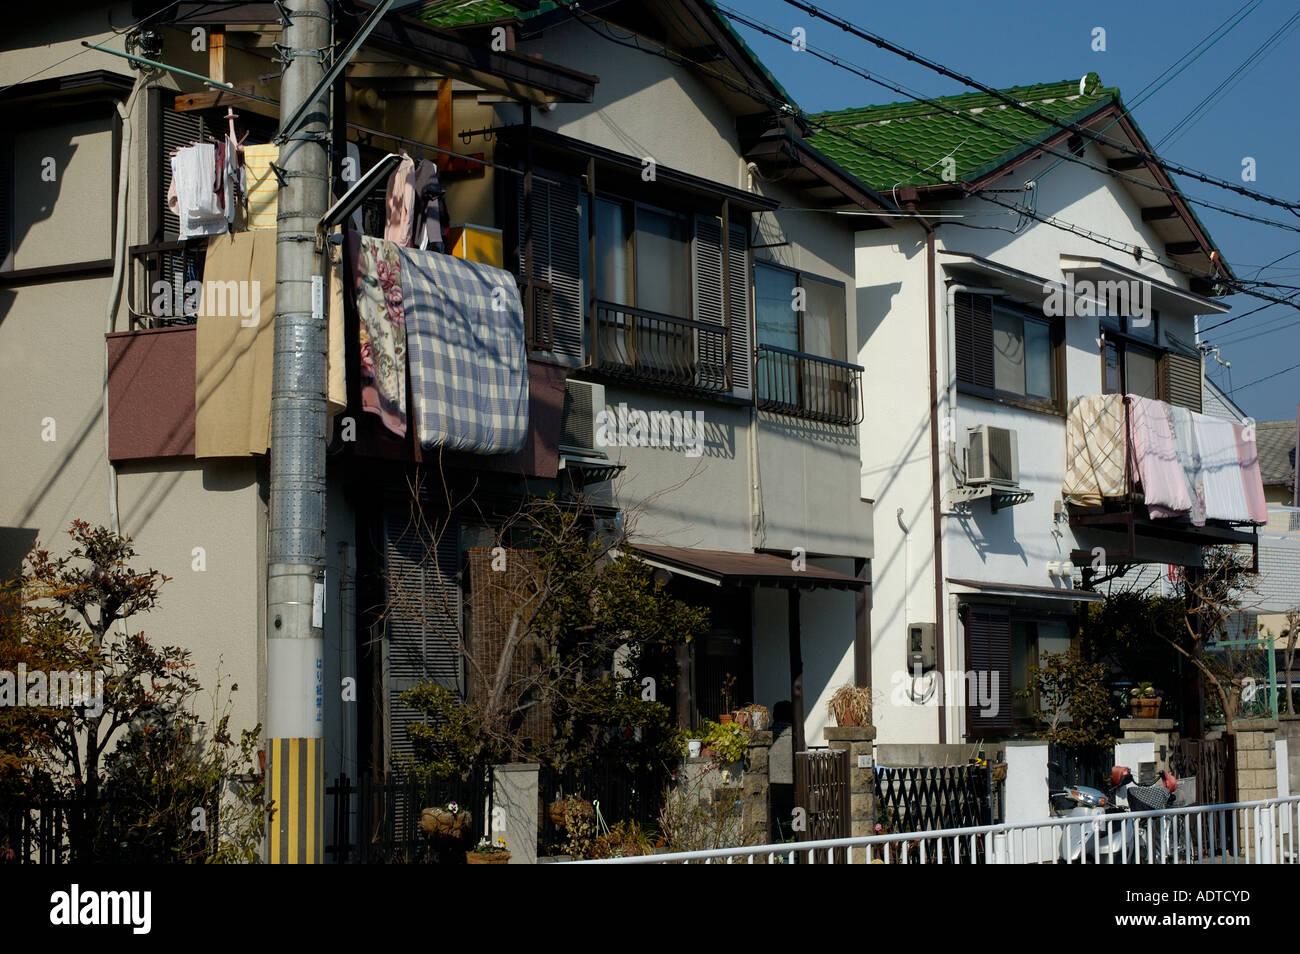 Japanische Häuser typische japanische häuser kyoto stockfoto bild 7708092 alamy